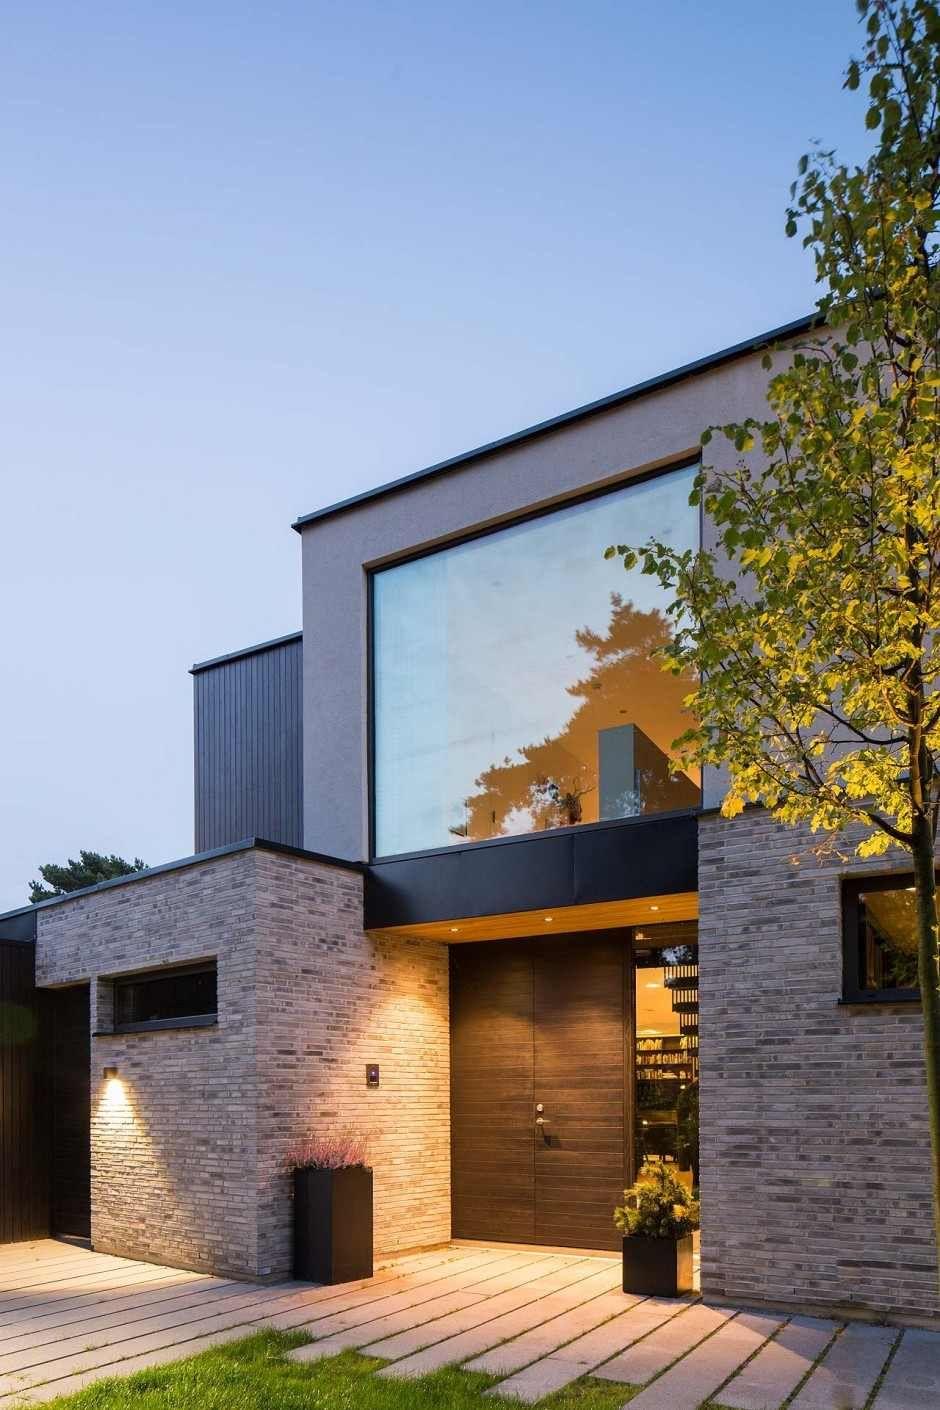 Haus außentor design pin by kim pütter on architektur  pinterest  villas modern and